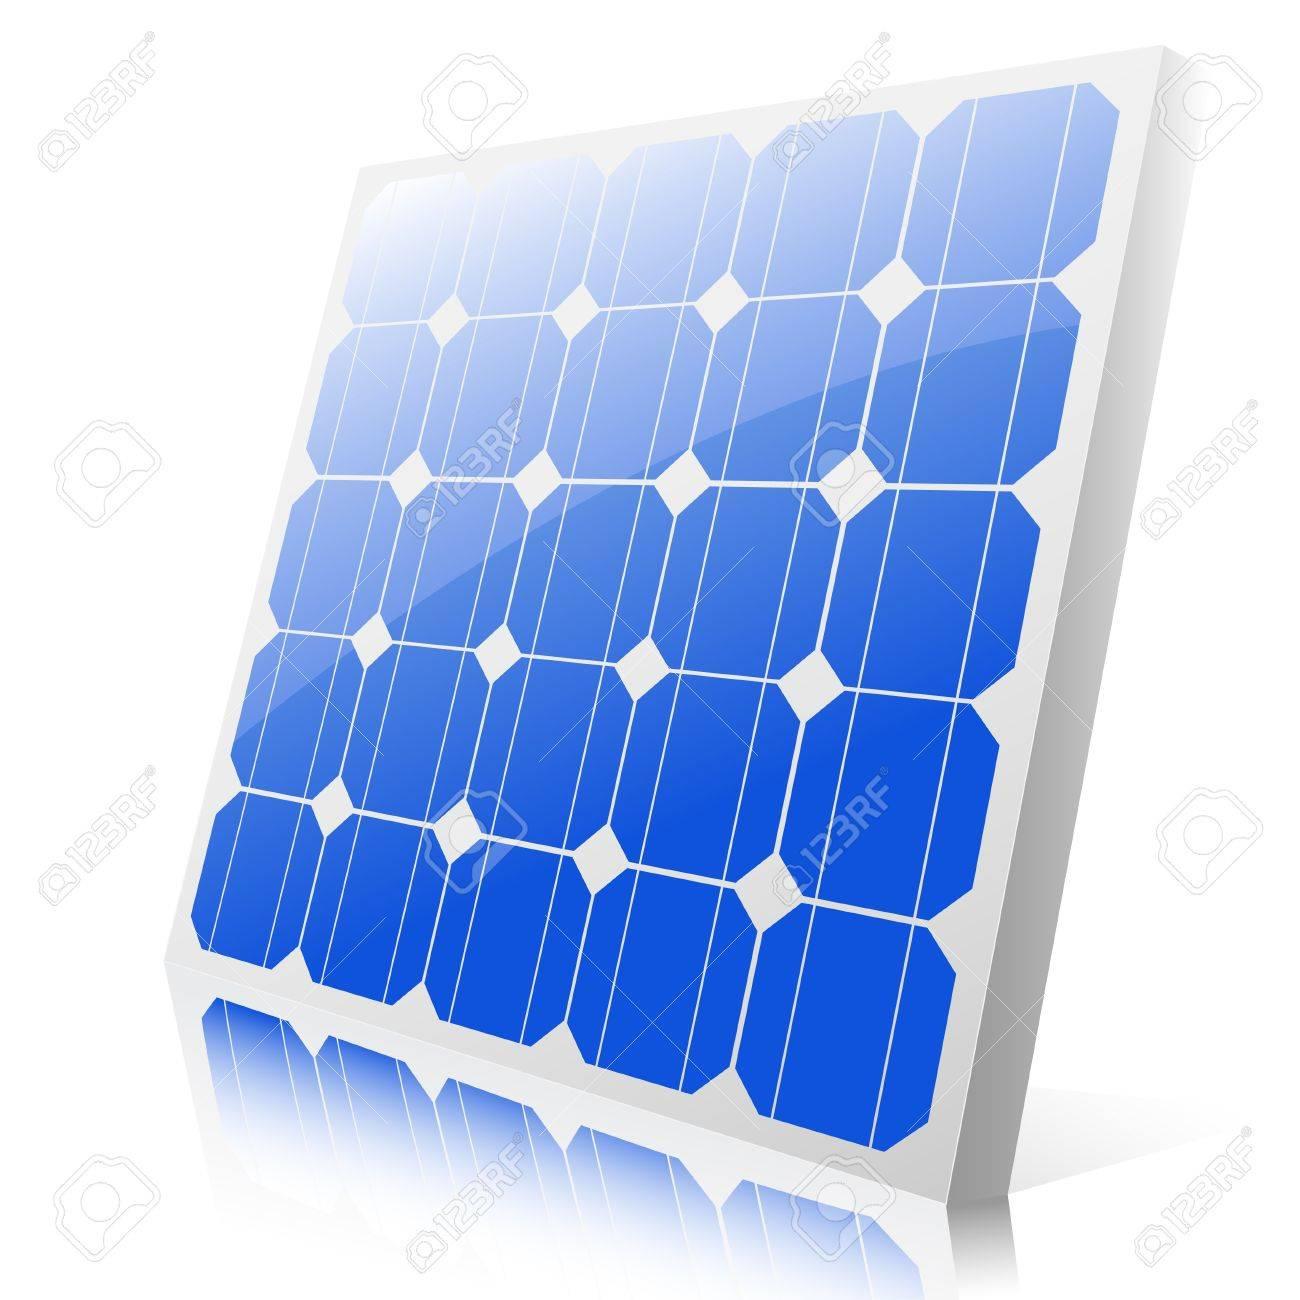 白い背景の上の太陽電池パネルのイラストのイラスト素材ベクタ